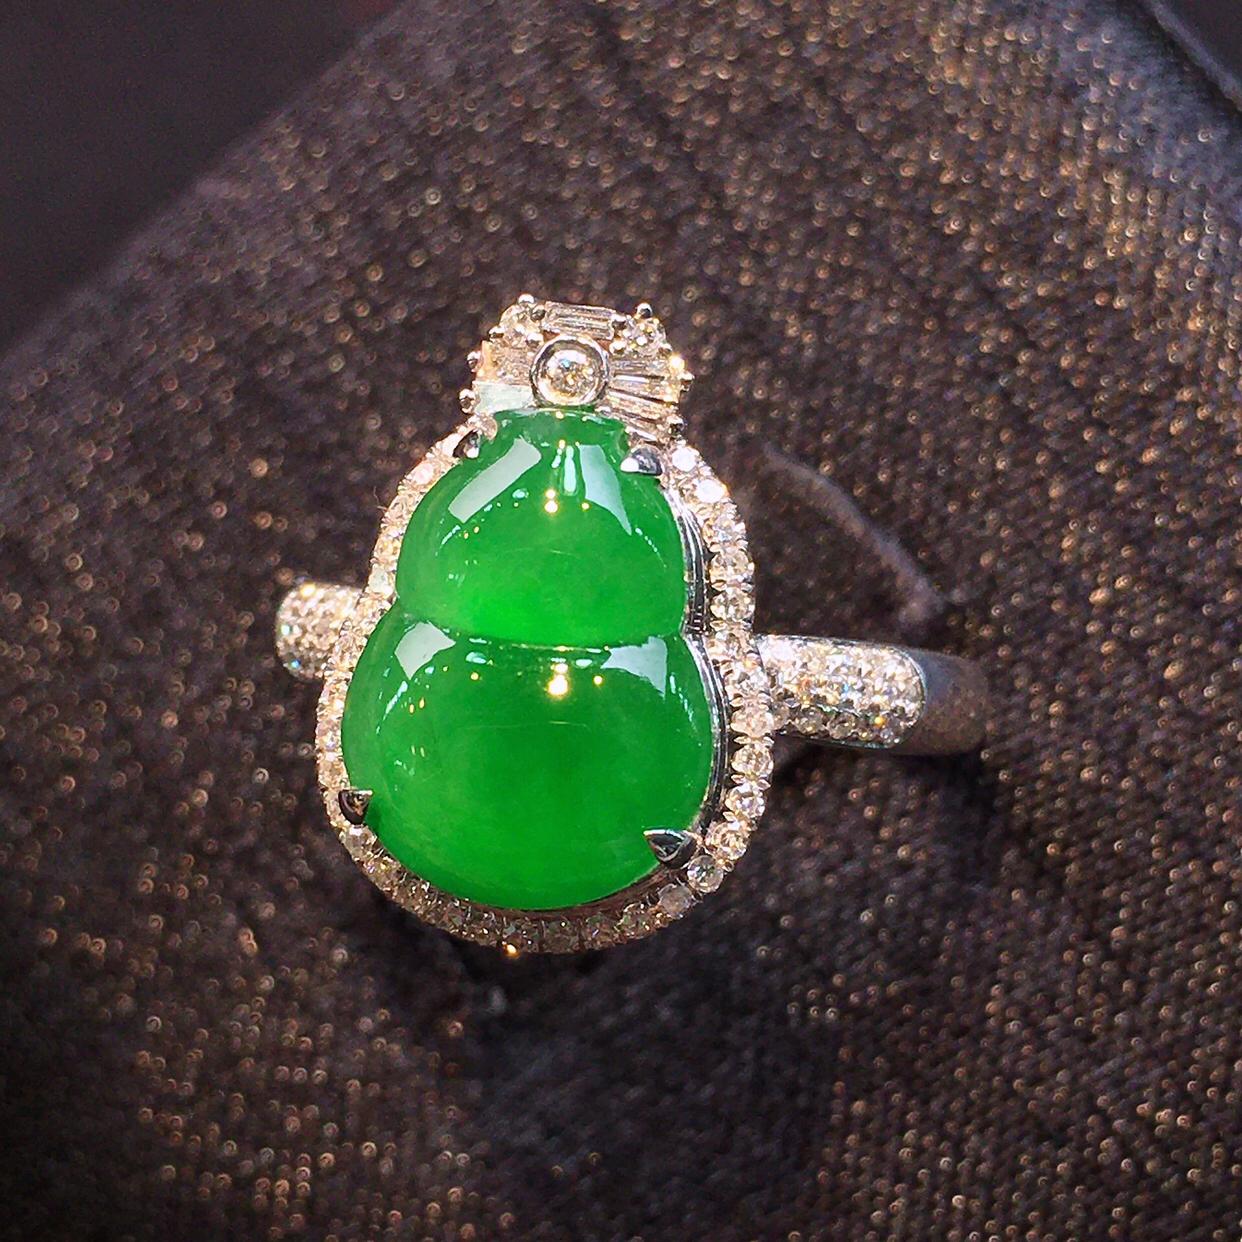 品质优选高冰种正阳绿色葫芦戒指,色标料子,颜色浓郁鲜艳,形态周正,18k金镶嵌钻石,裸石11.6-8.4-4mm,整体15.7-11.1-8.4mm,圈口13号, 确认后可改